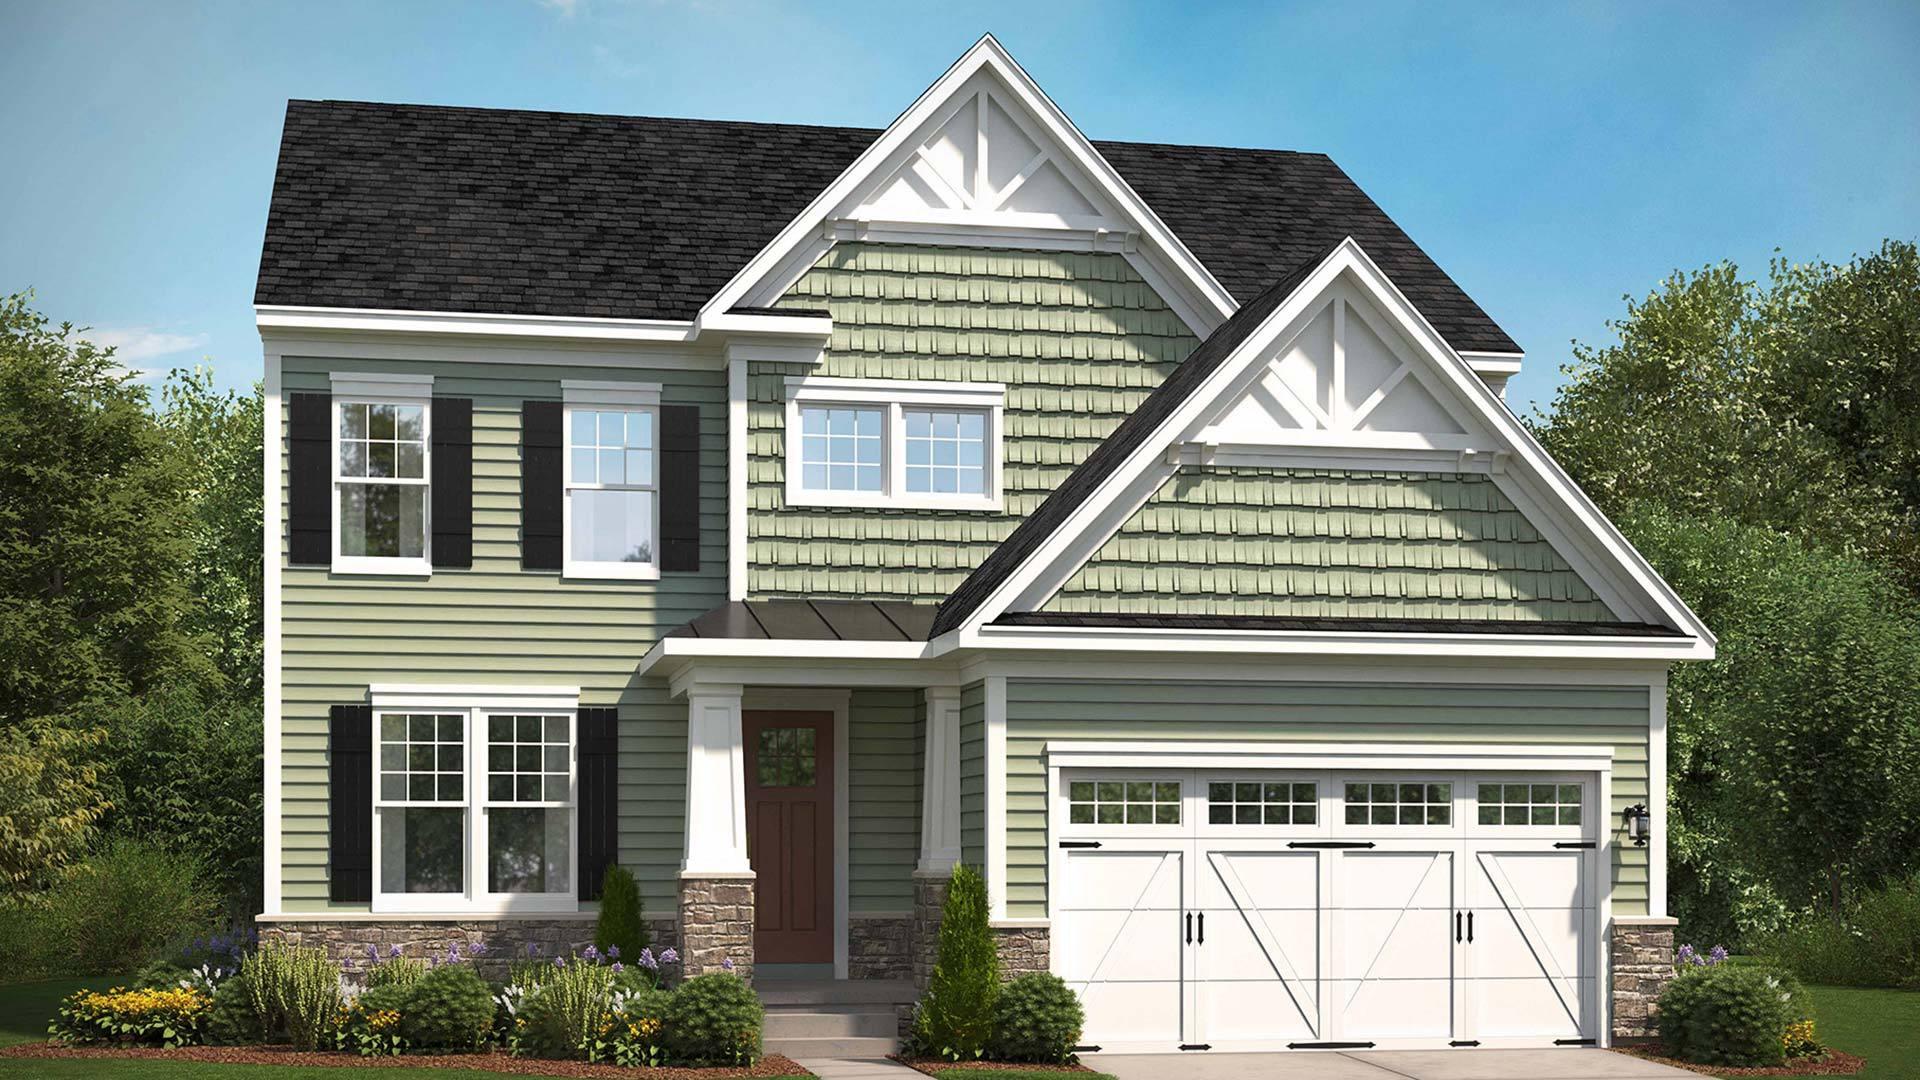 1196 Colbert Street Charlottesville Va New Home For